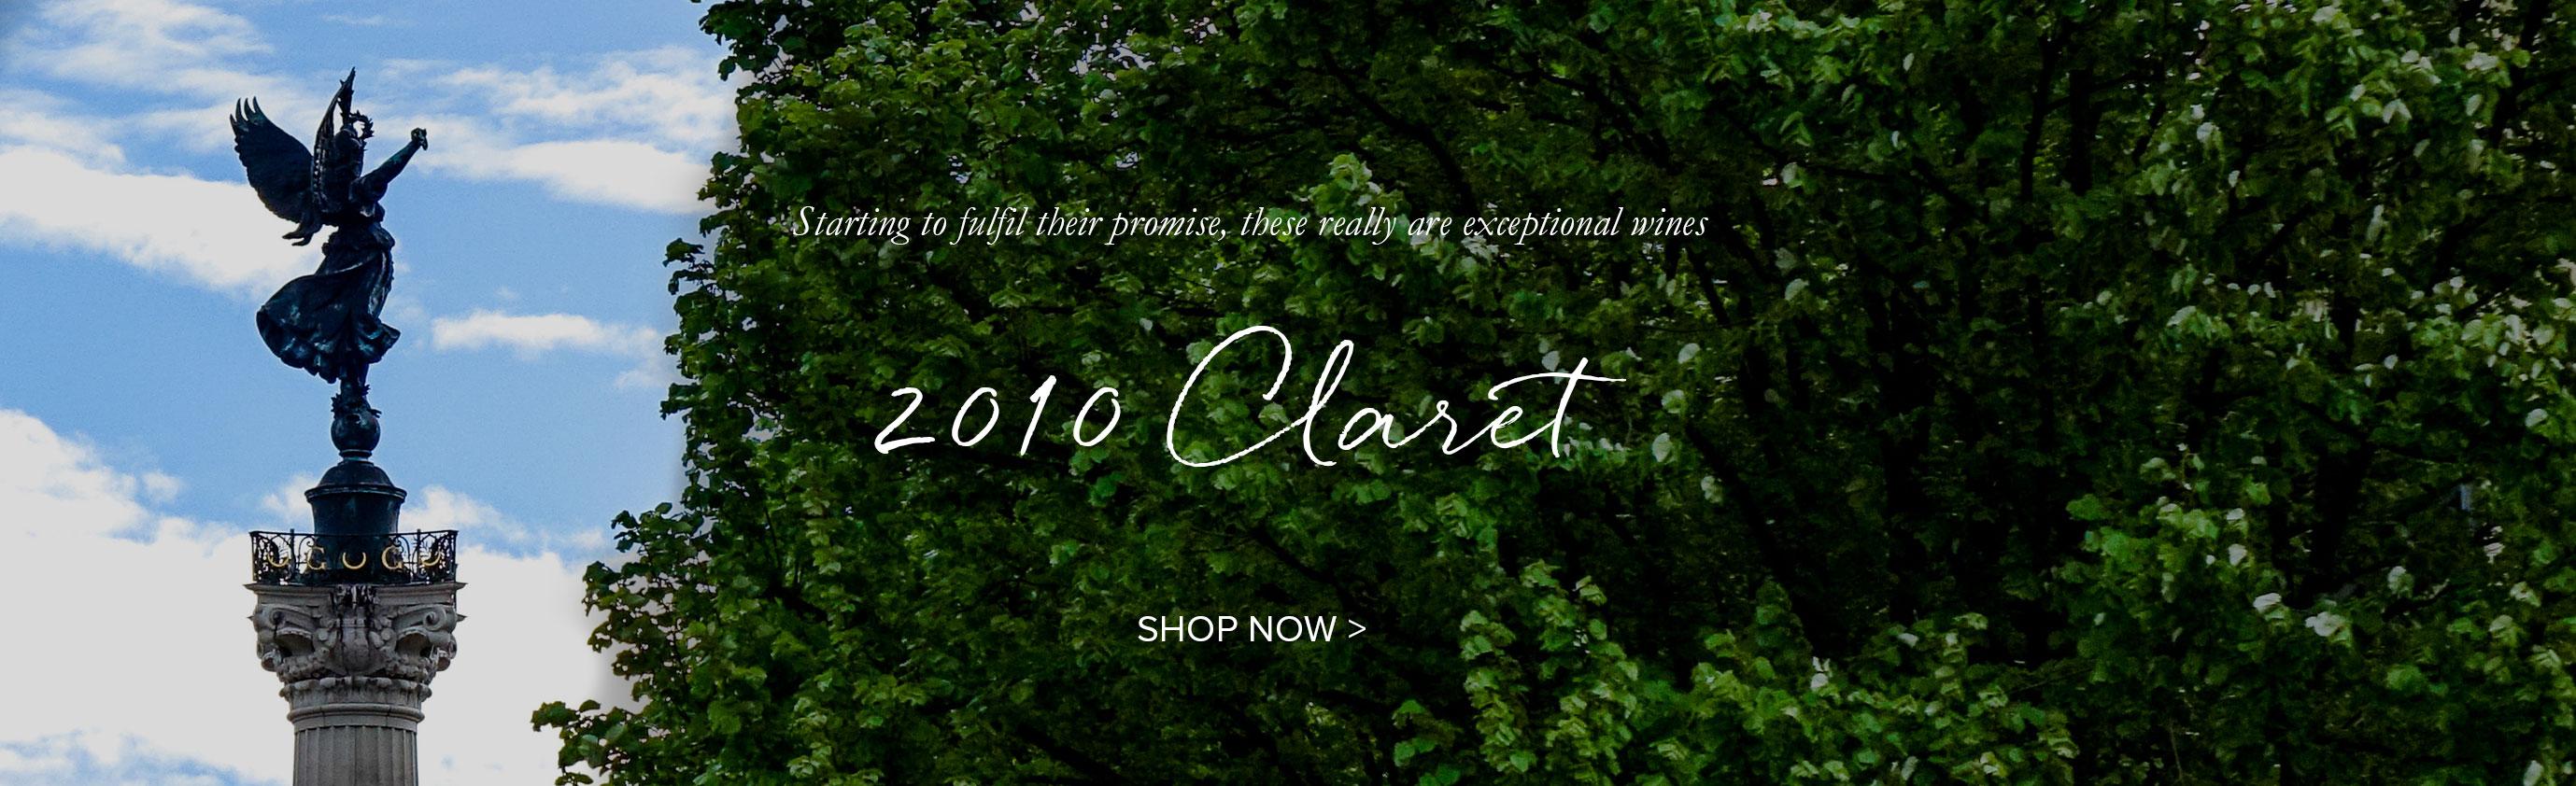 Claret 2010